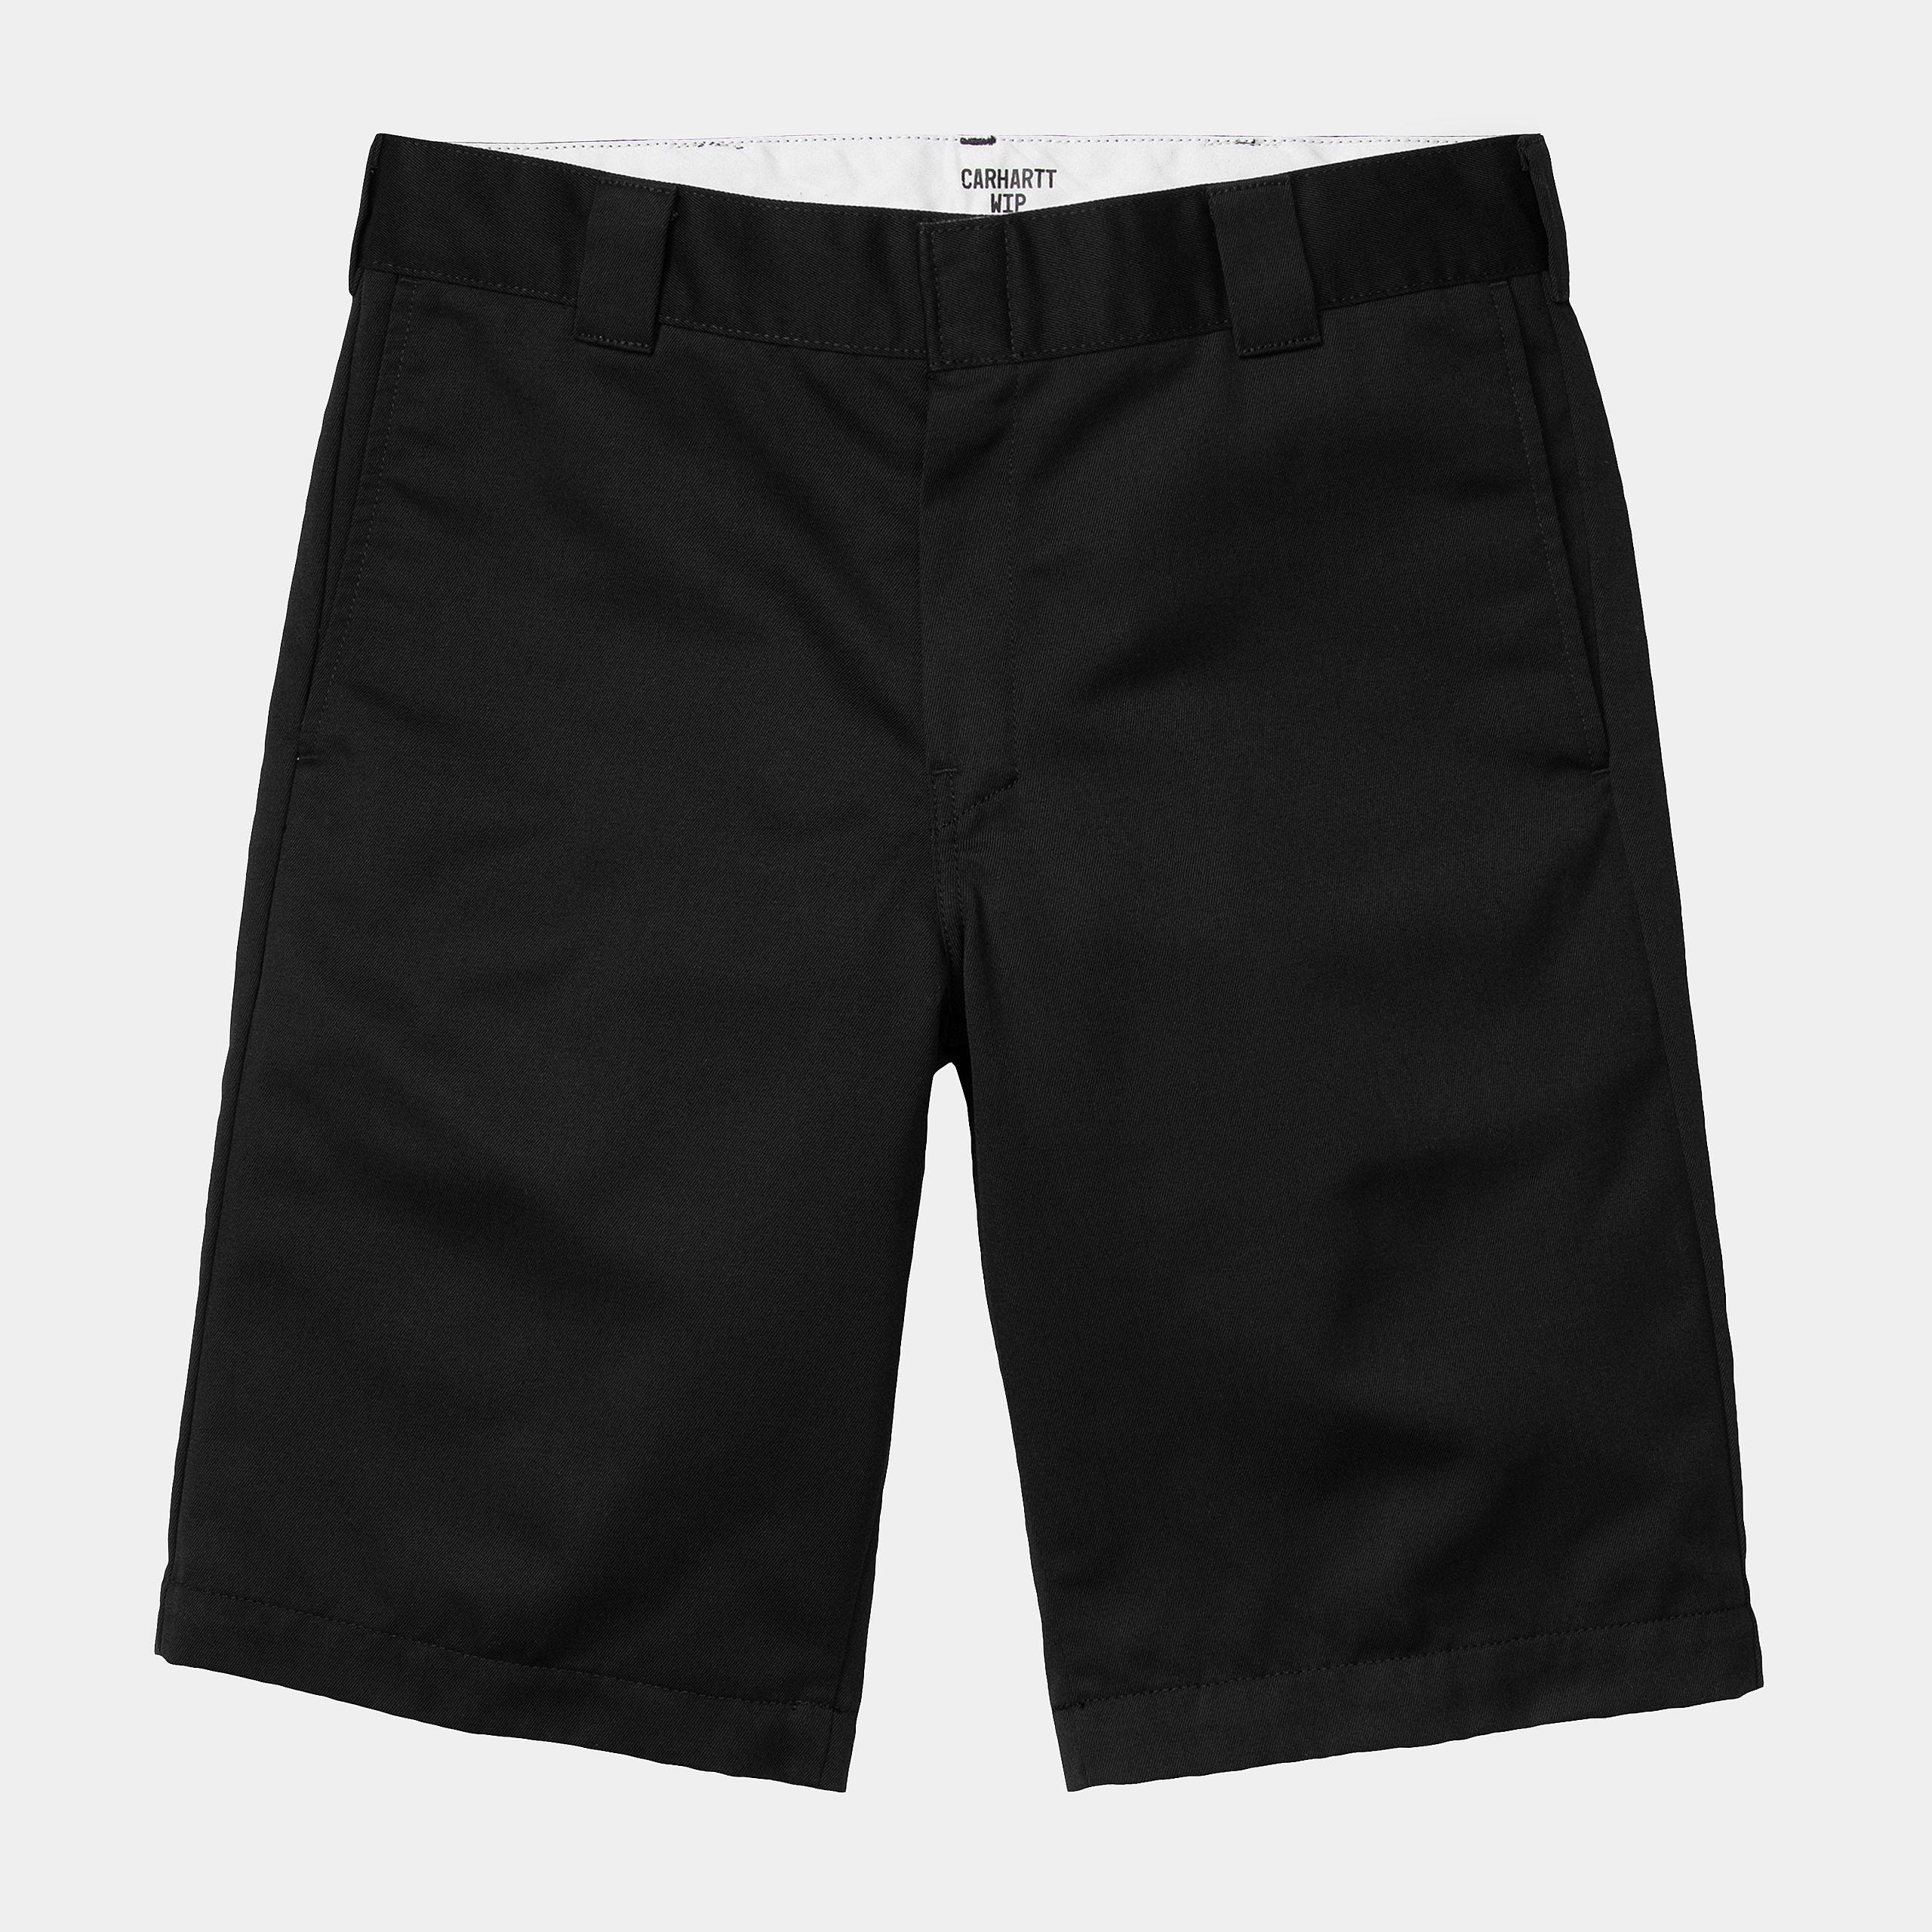 Carhartt WIP - MASTER SHORT - Black Rinsed